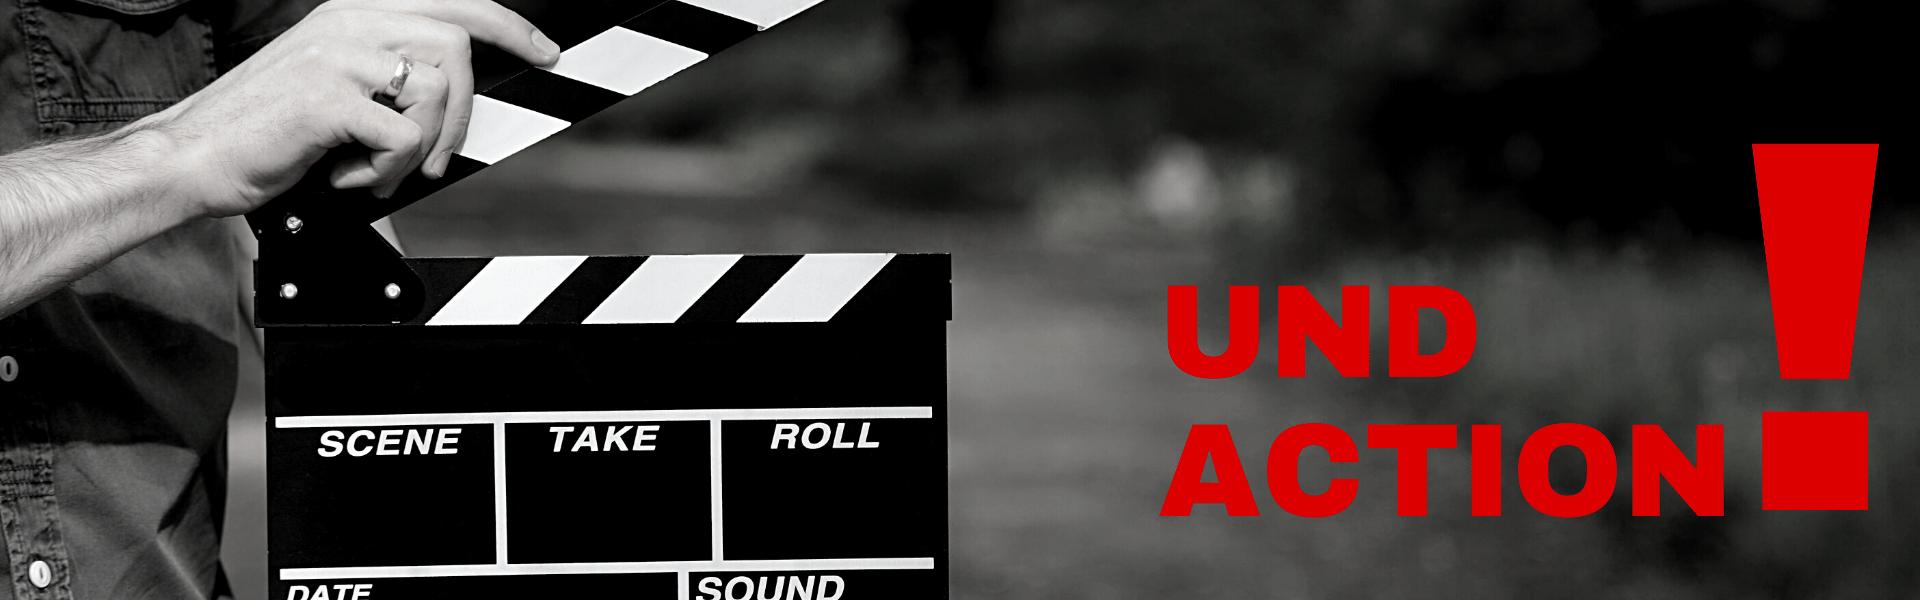 Und Action. Filmklappe. SIGG Zeit zum Handeln Projekte live Aktionsverkauf Abverkauf Räumungsverkauf Jubiläumsverkauf